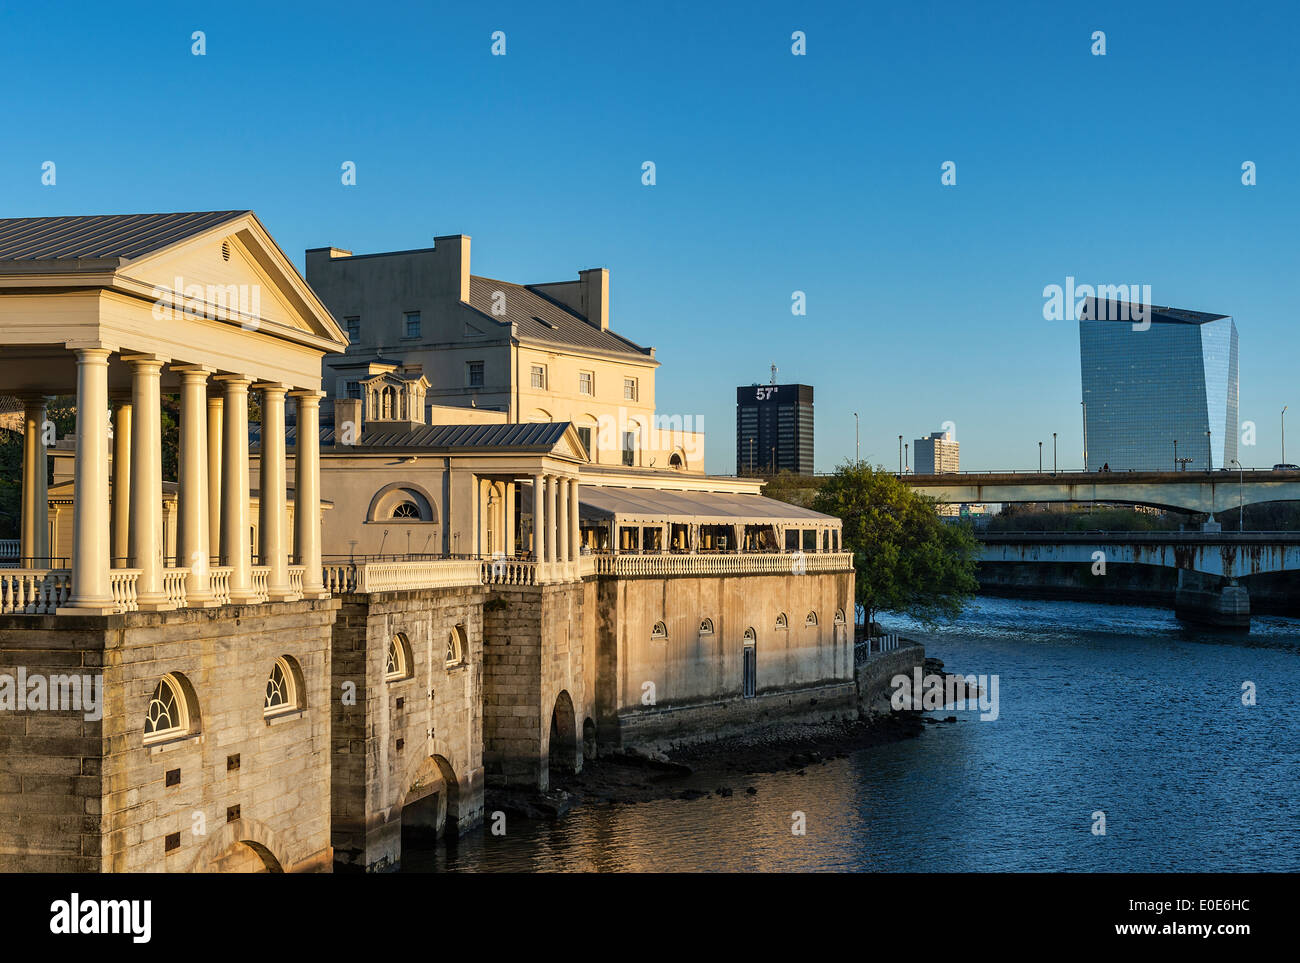 El Fairmount obras de agua potable y el río Schuylkill, Philadelphia, Pennsylvania, EE.UU. Imagen De Stock